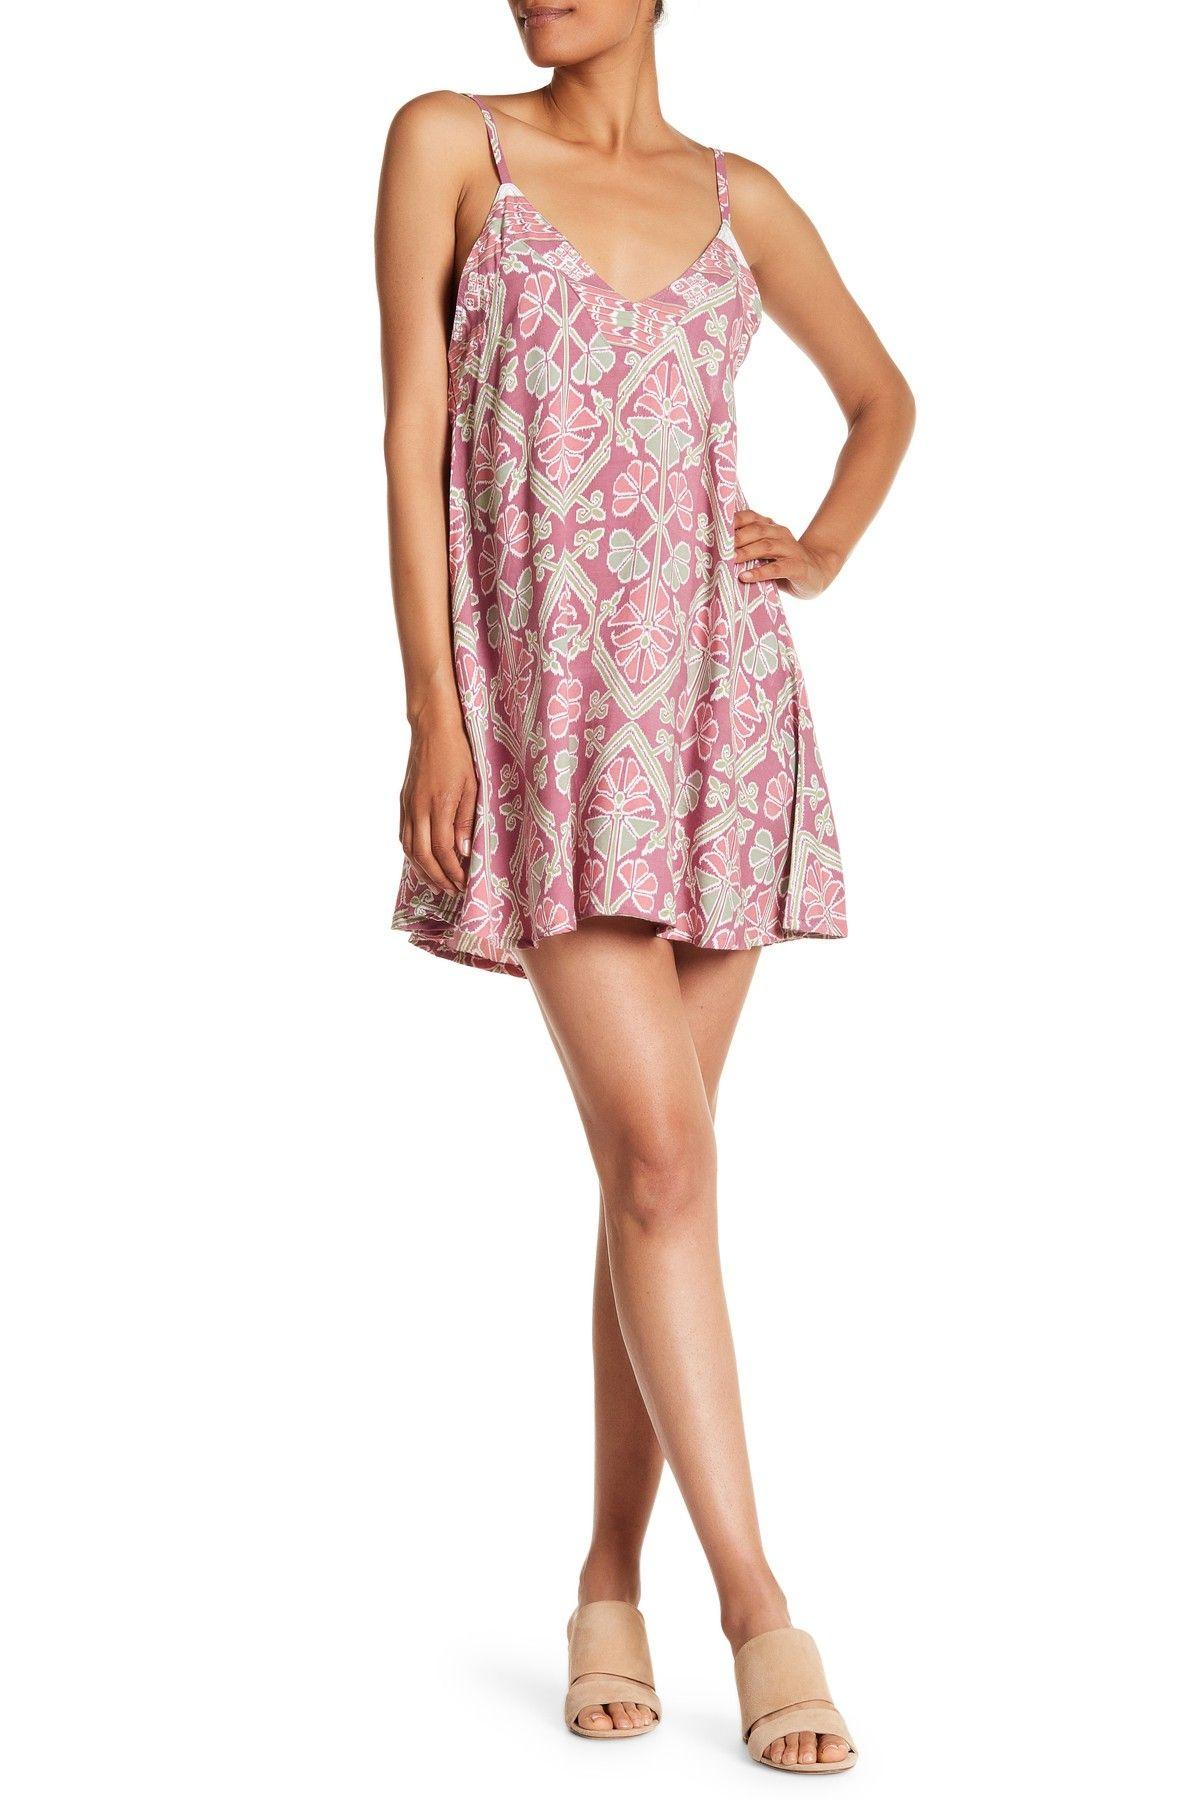 Blondie short dress products pinterest short dresses tiare